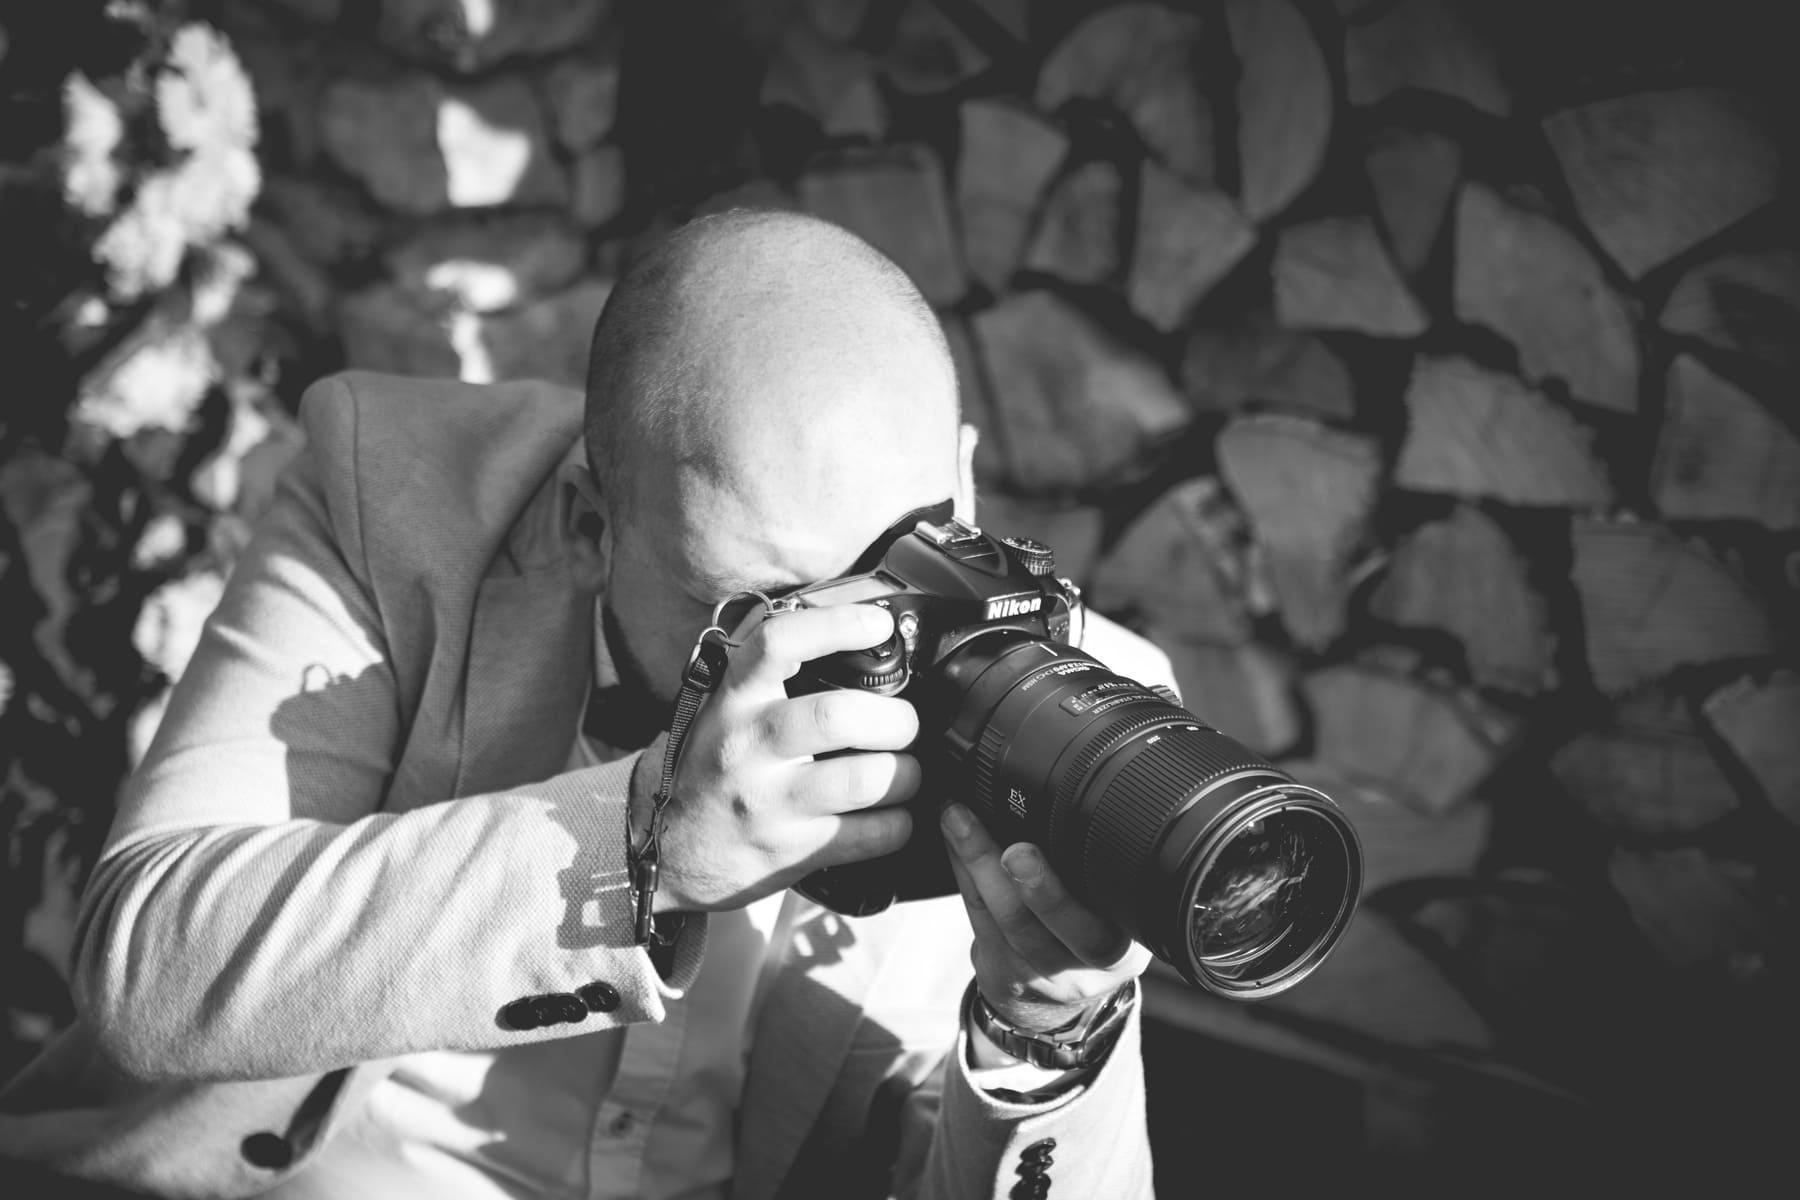 photographe professionnel mariage paris ile de france Yvelines normandie événementiel famille evjf aurélien papa designatic